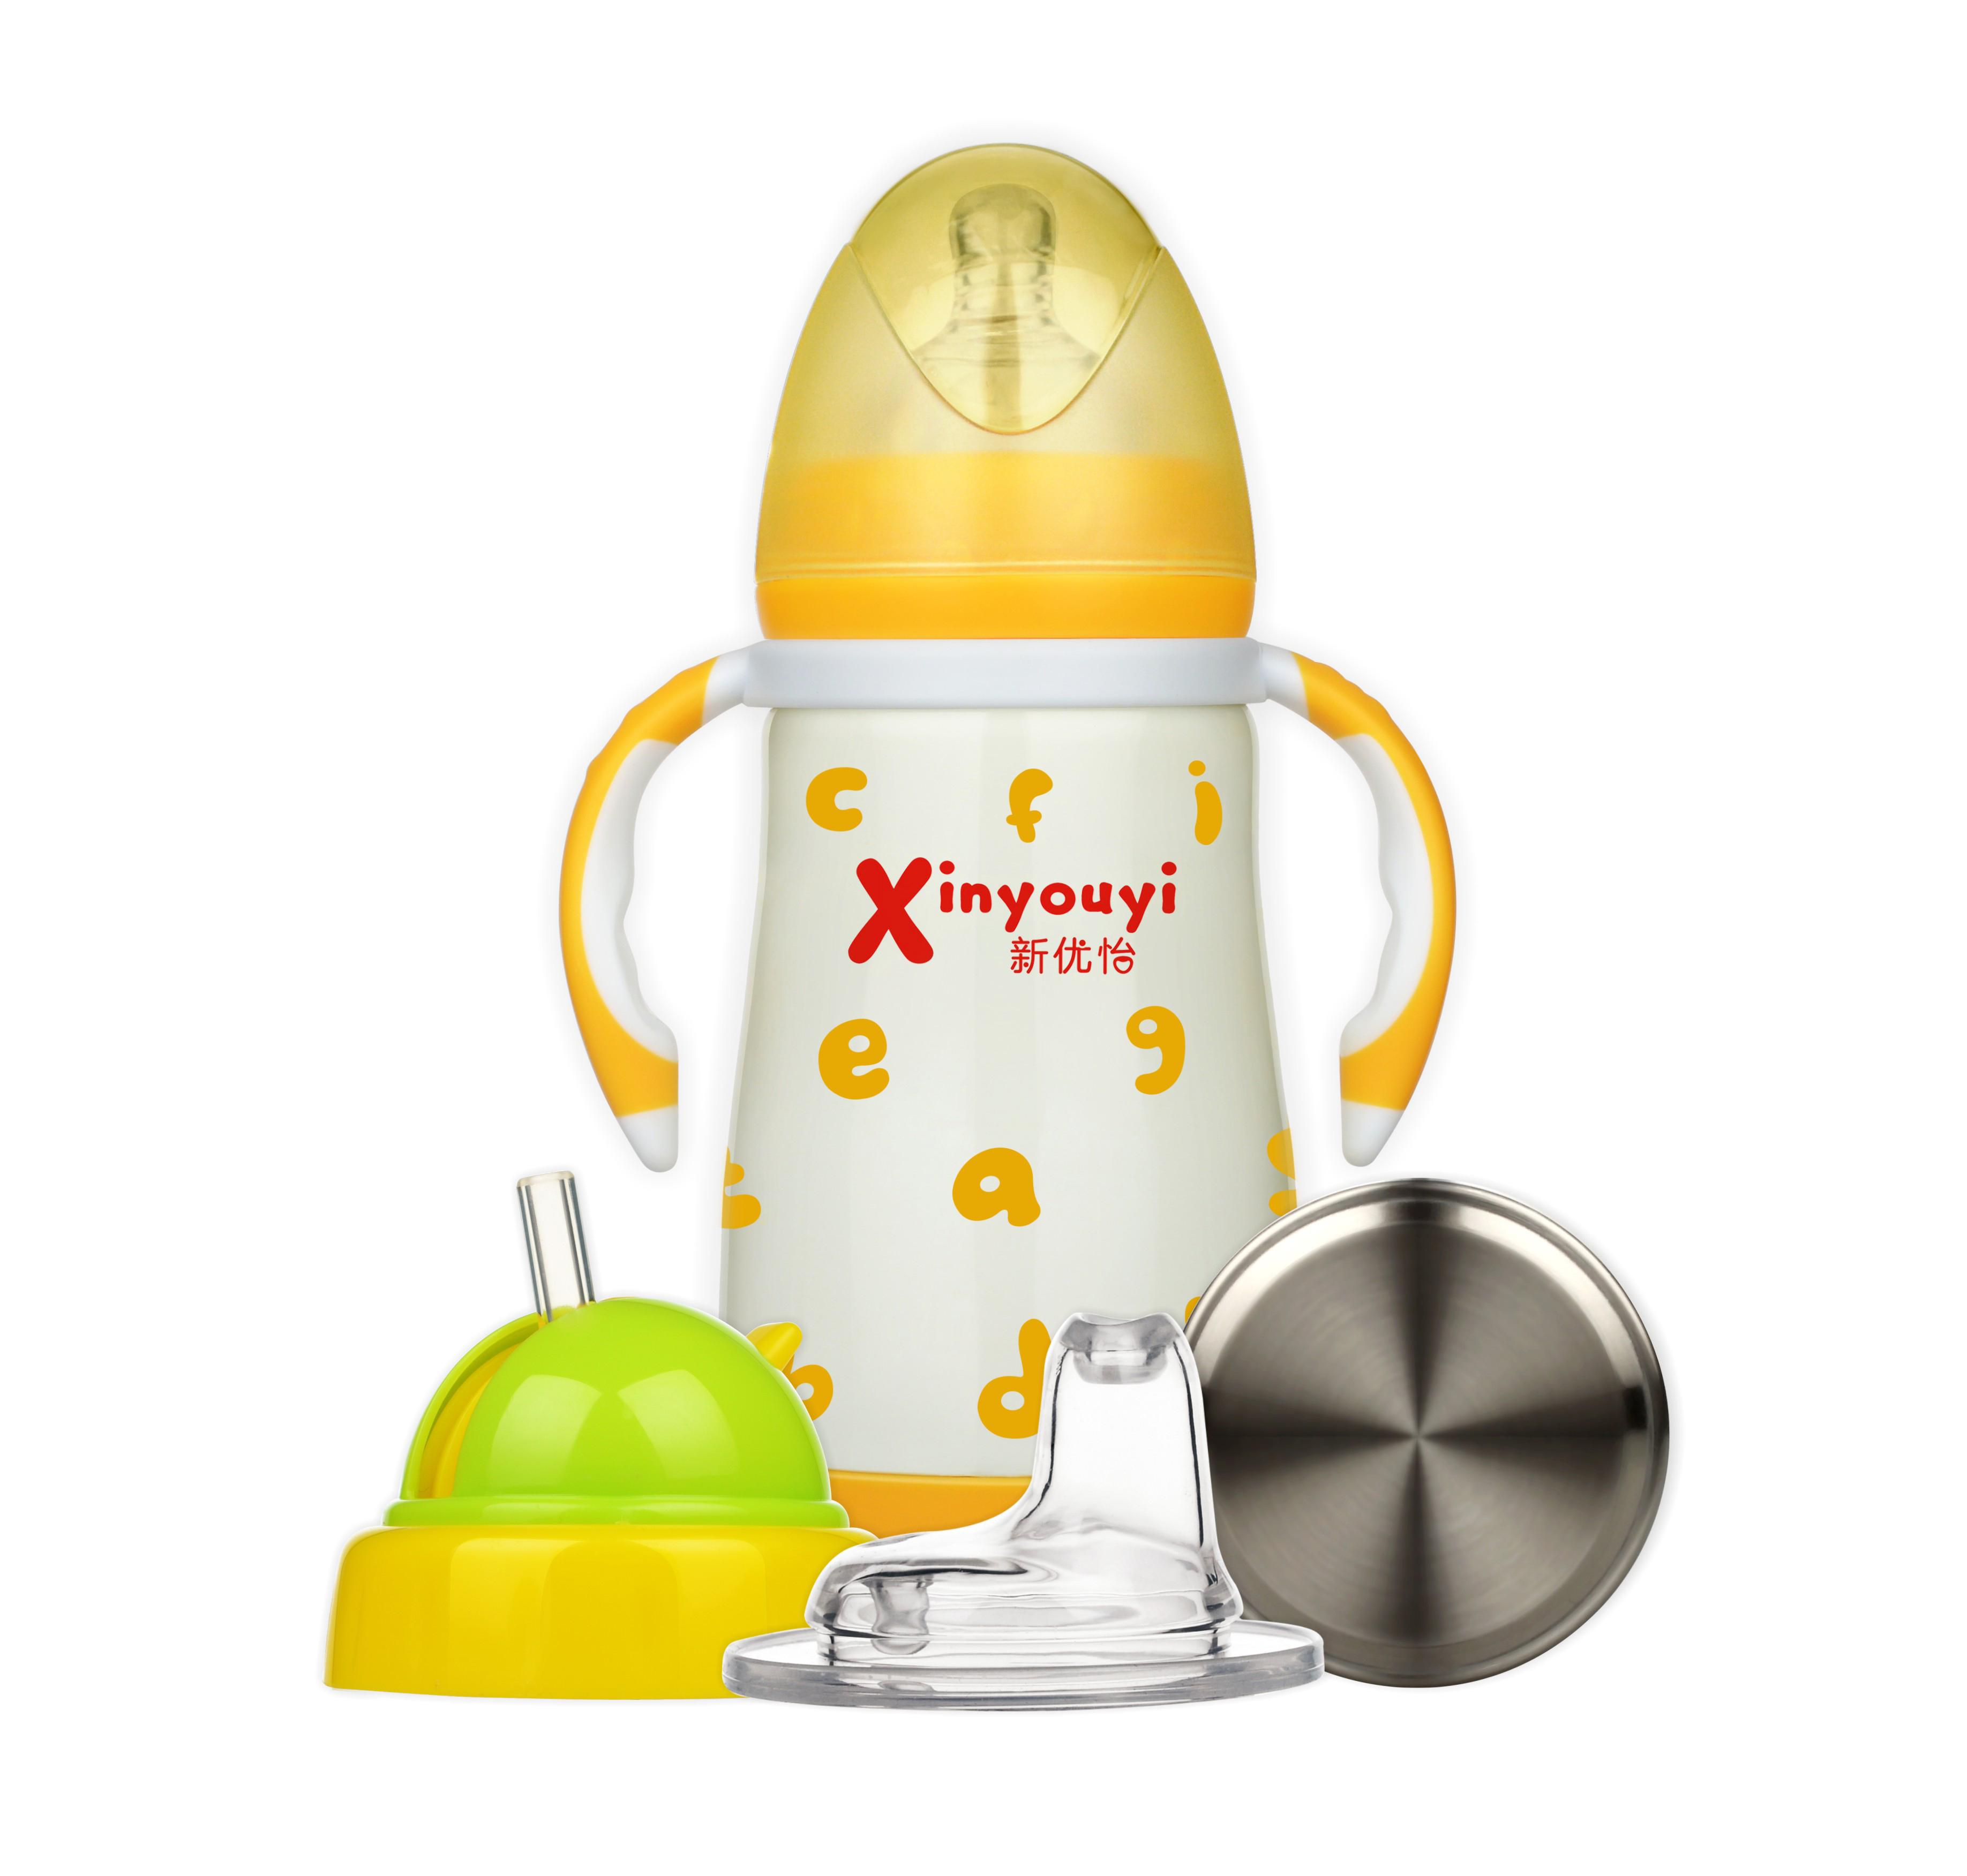 宽口婴儿保温奶瓶(一杯四用)